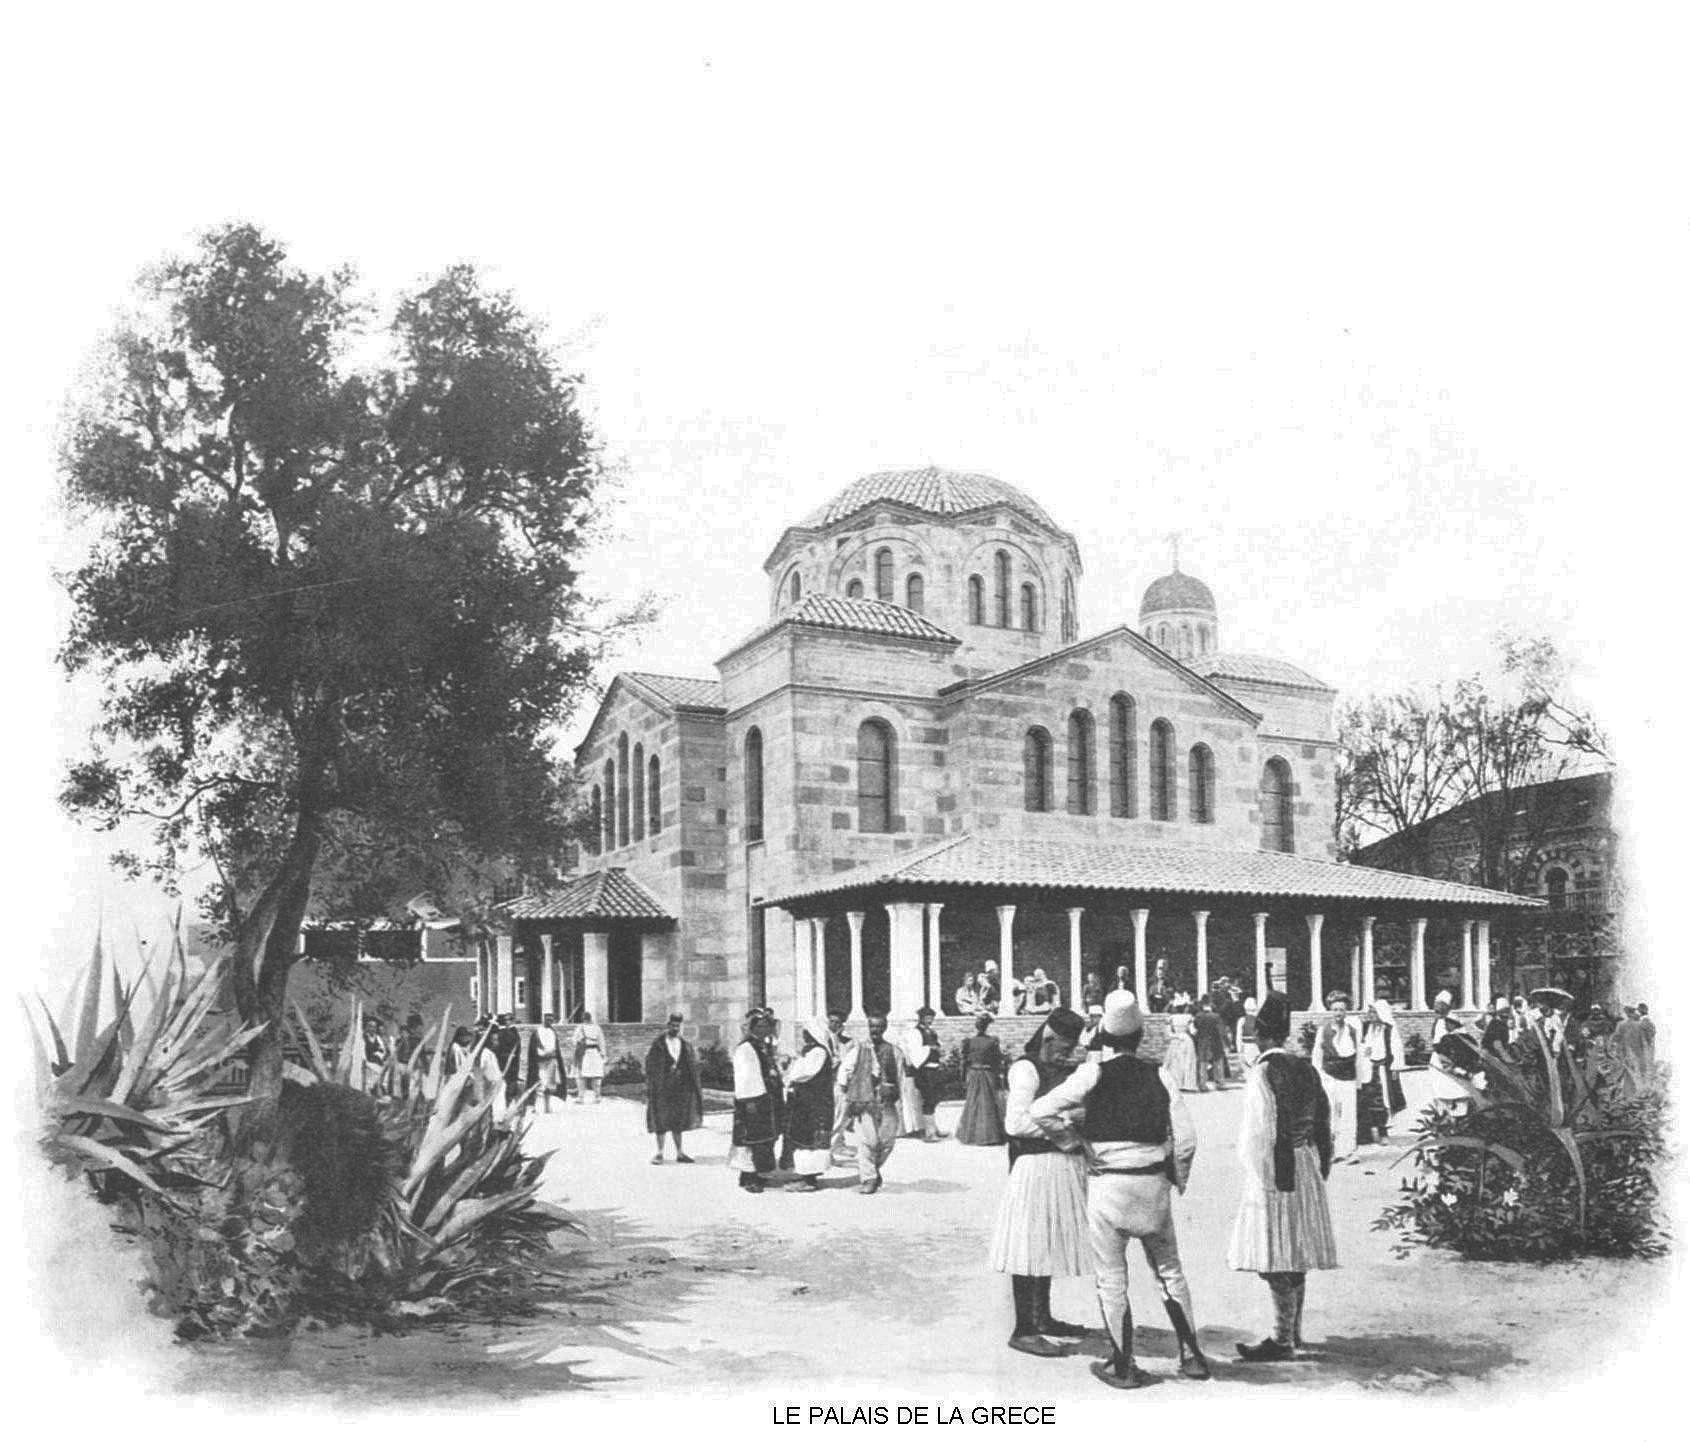 Ressources histoire exposition universelle 1900 le palais de la grece